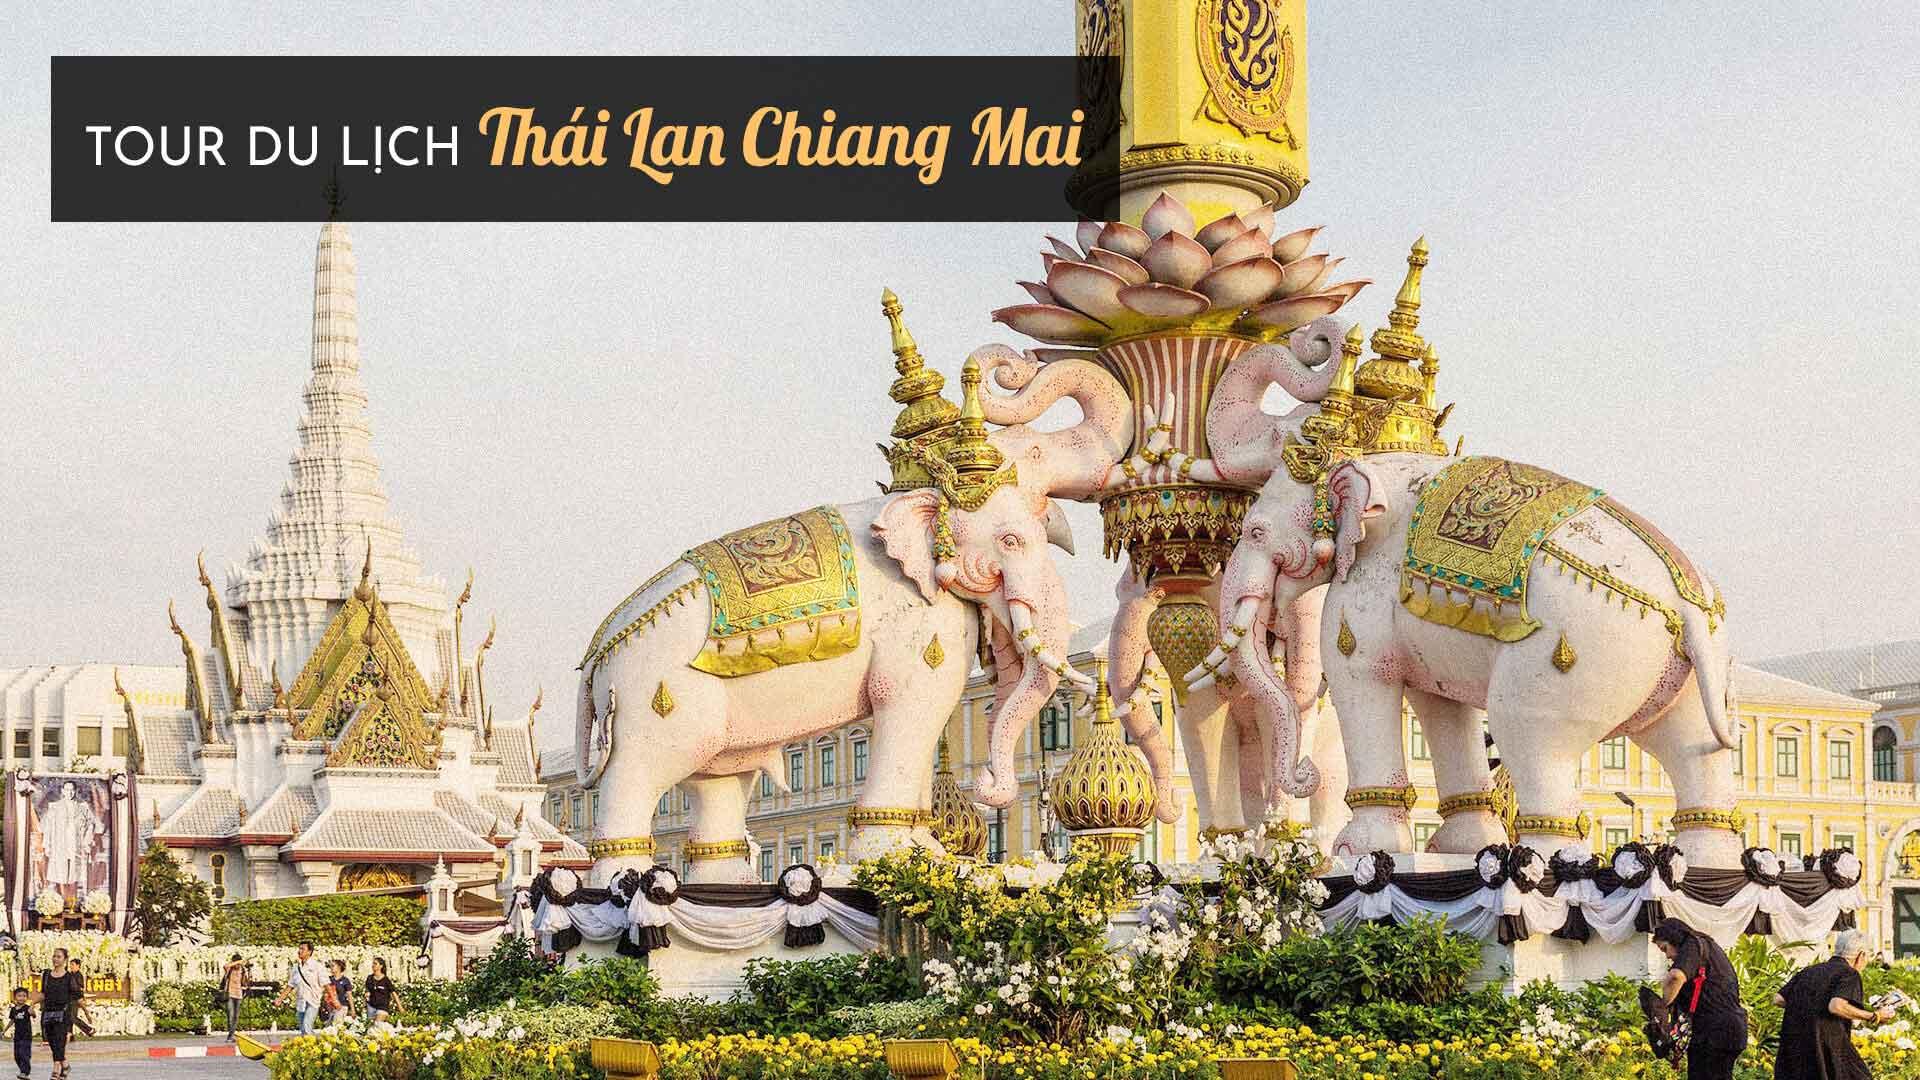 Tìm hiểu vùng đất cố đô qua tour du lịch Thái Lan Chiang Mai